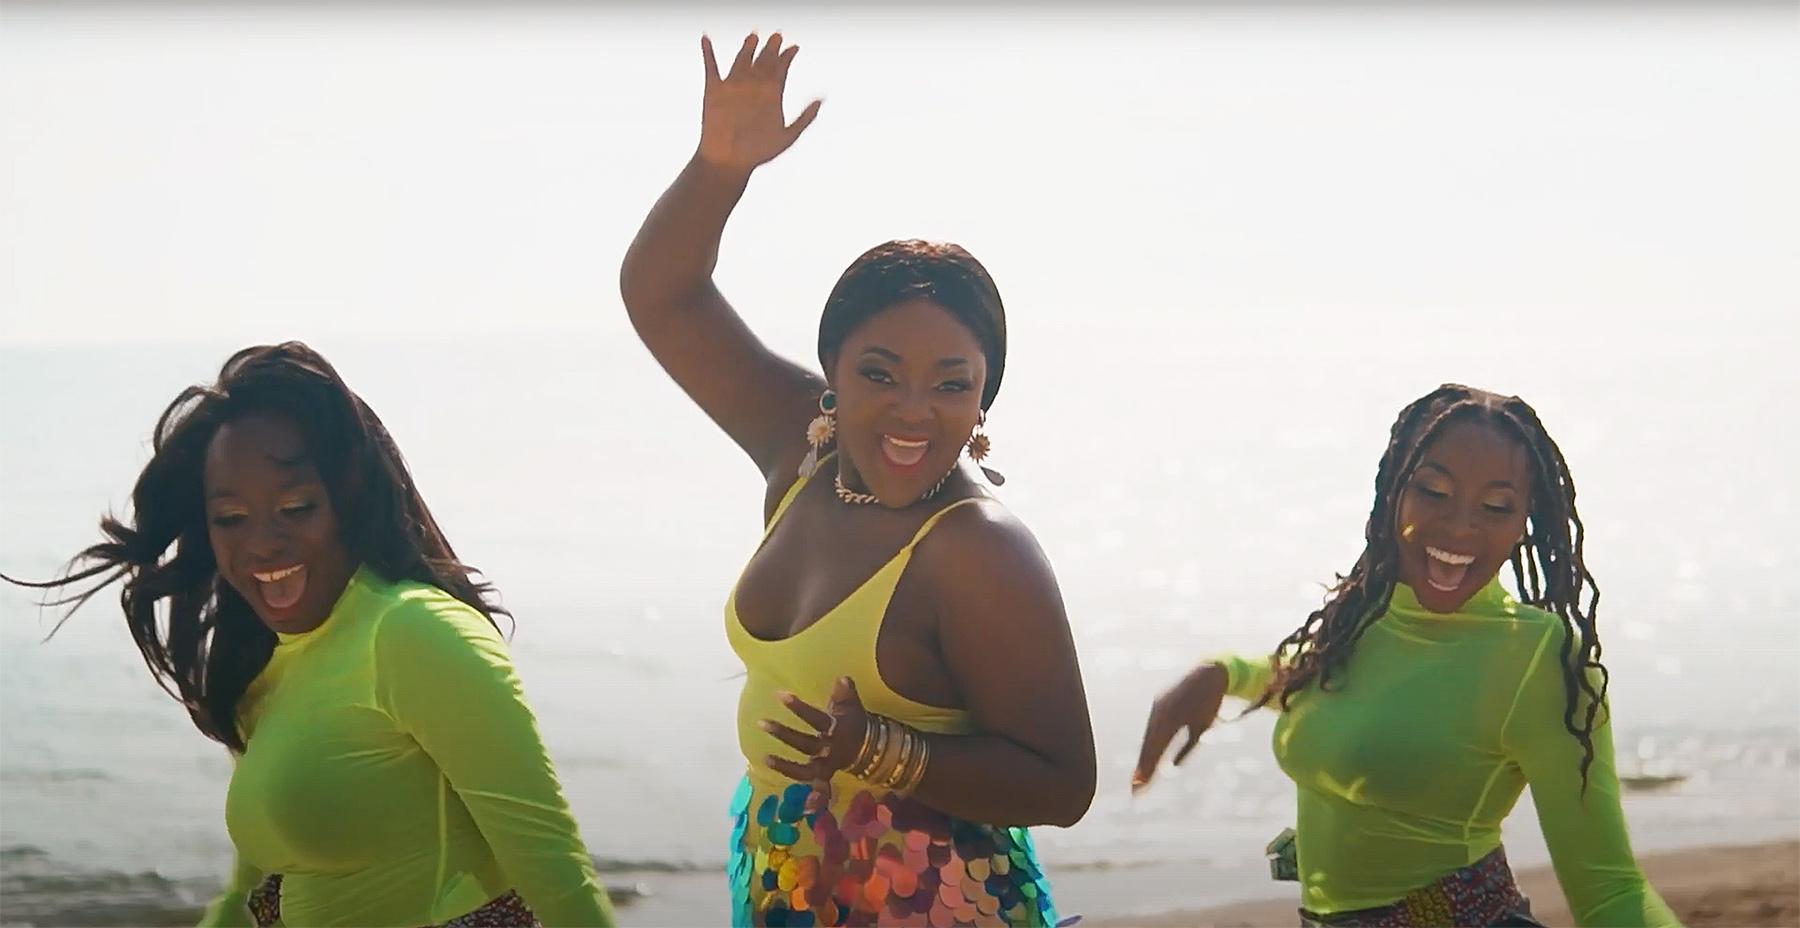 afrique nouvelle musique africa new music toronto canada art arts african congo congolese arthur tongo thomas tumbu festival bana y'afrique Blandine congo congolese